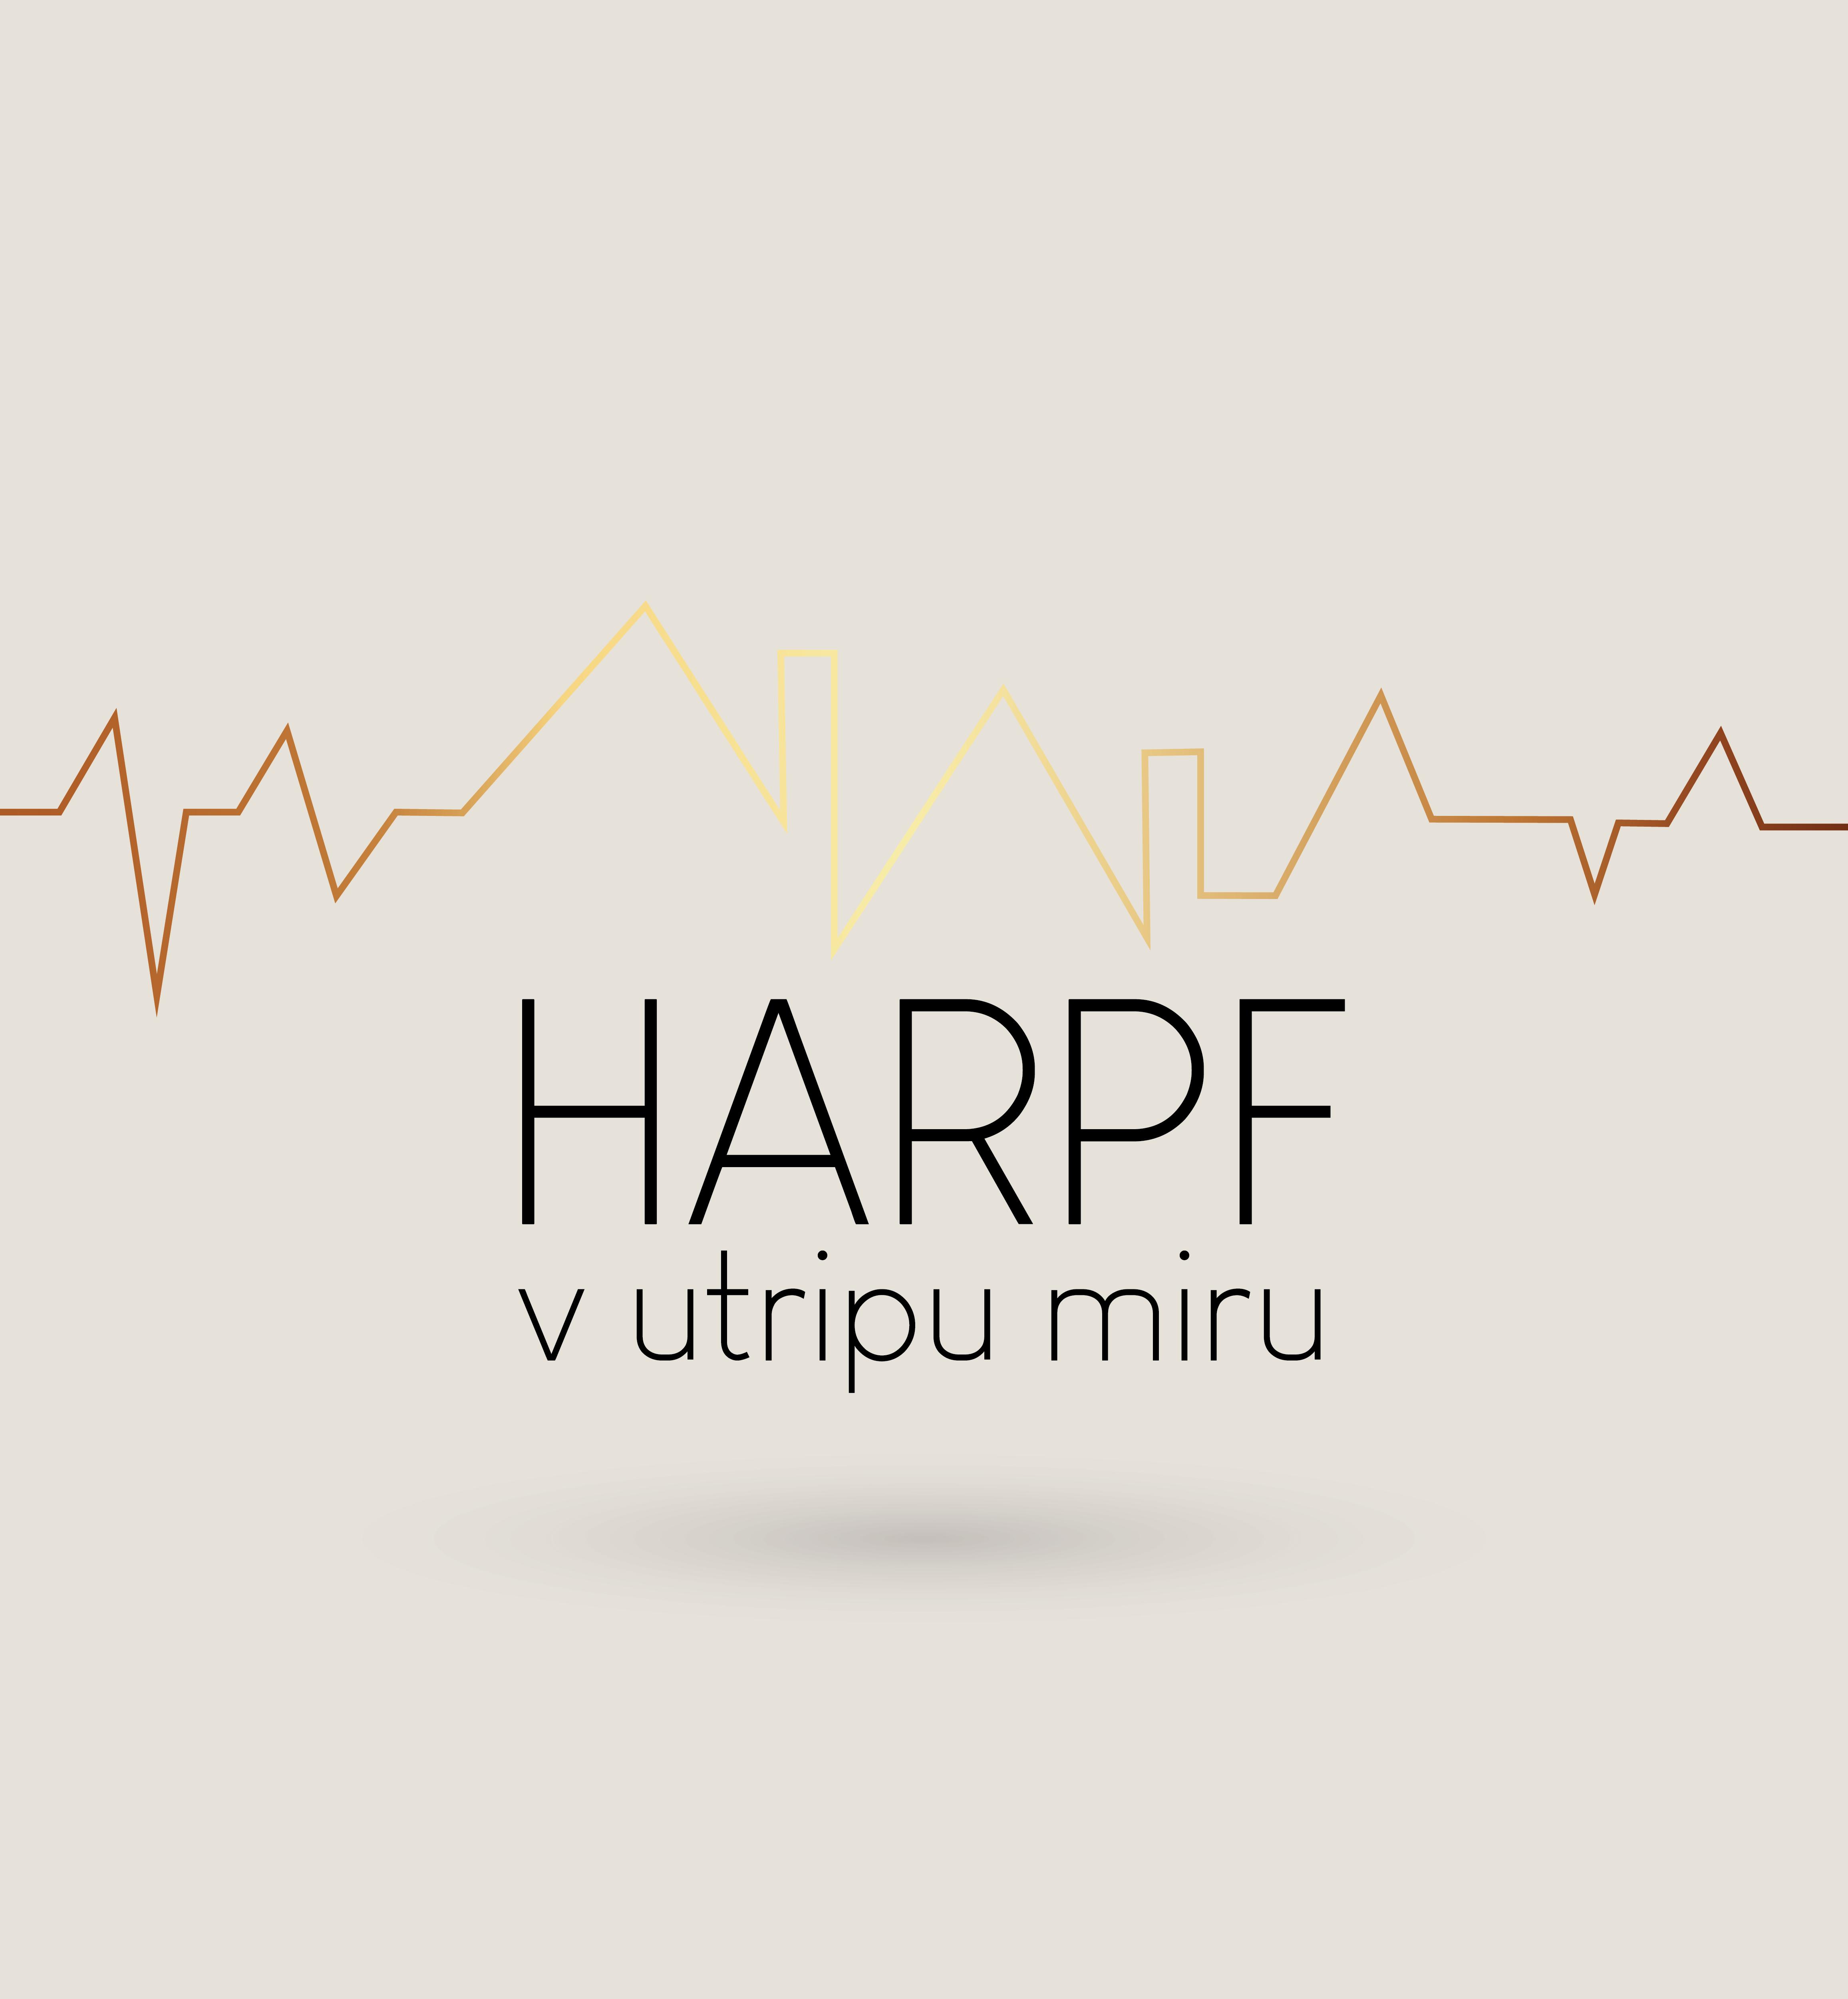 harpfproga-01